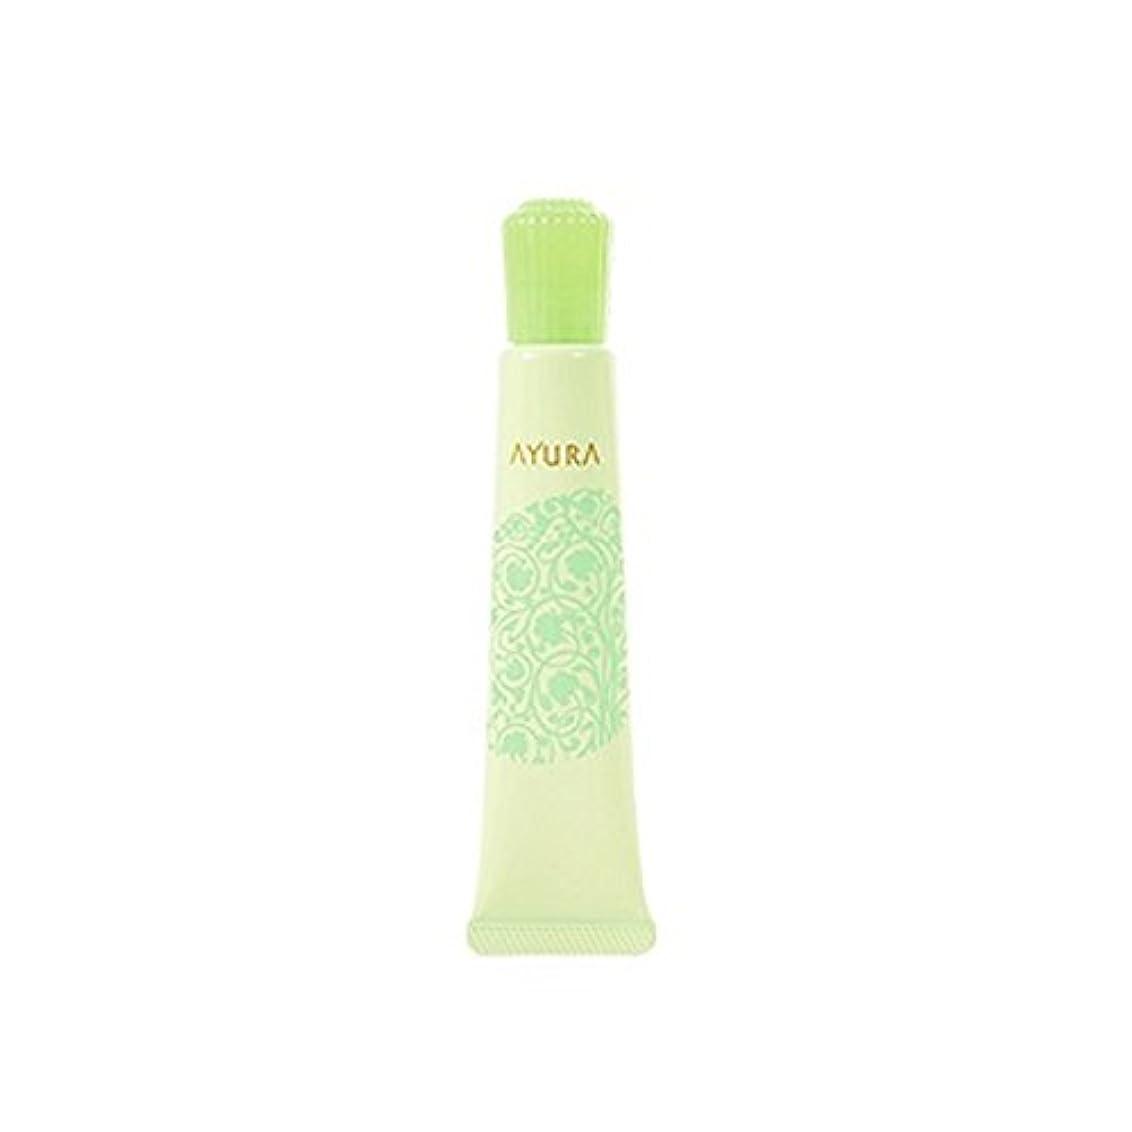 ソブリケット実業家誠実さアユーラ (AYURA) ハンドオアシス 〈ハンド用美容液〉 アロマティックハーブとユーカリの軽やかな香り